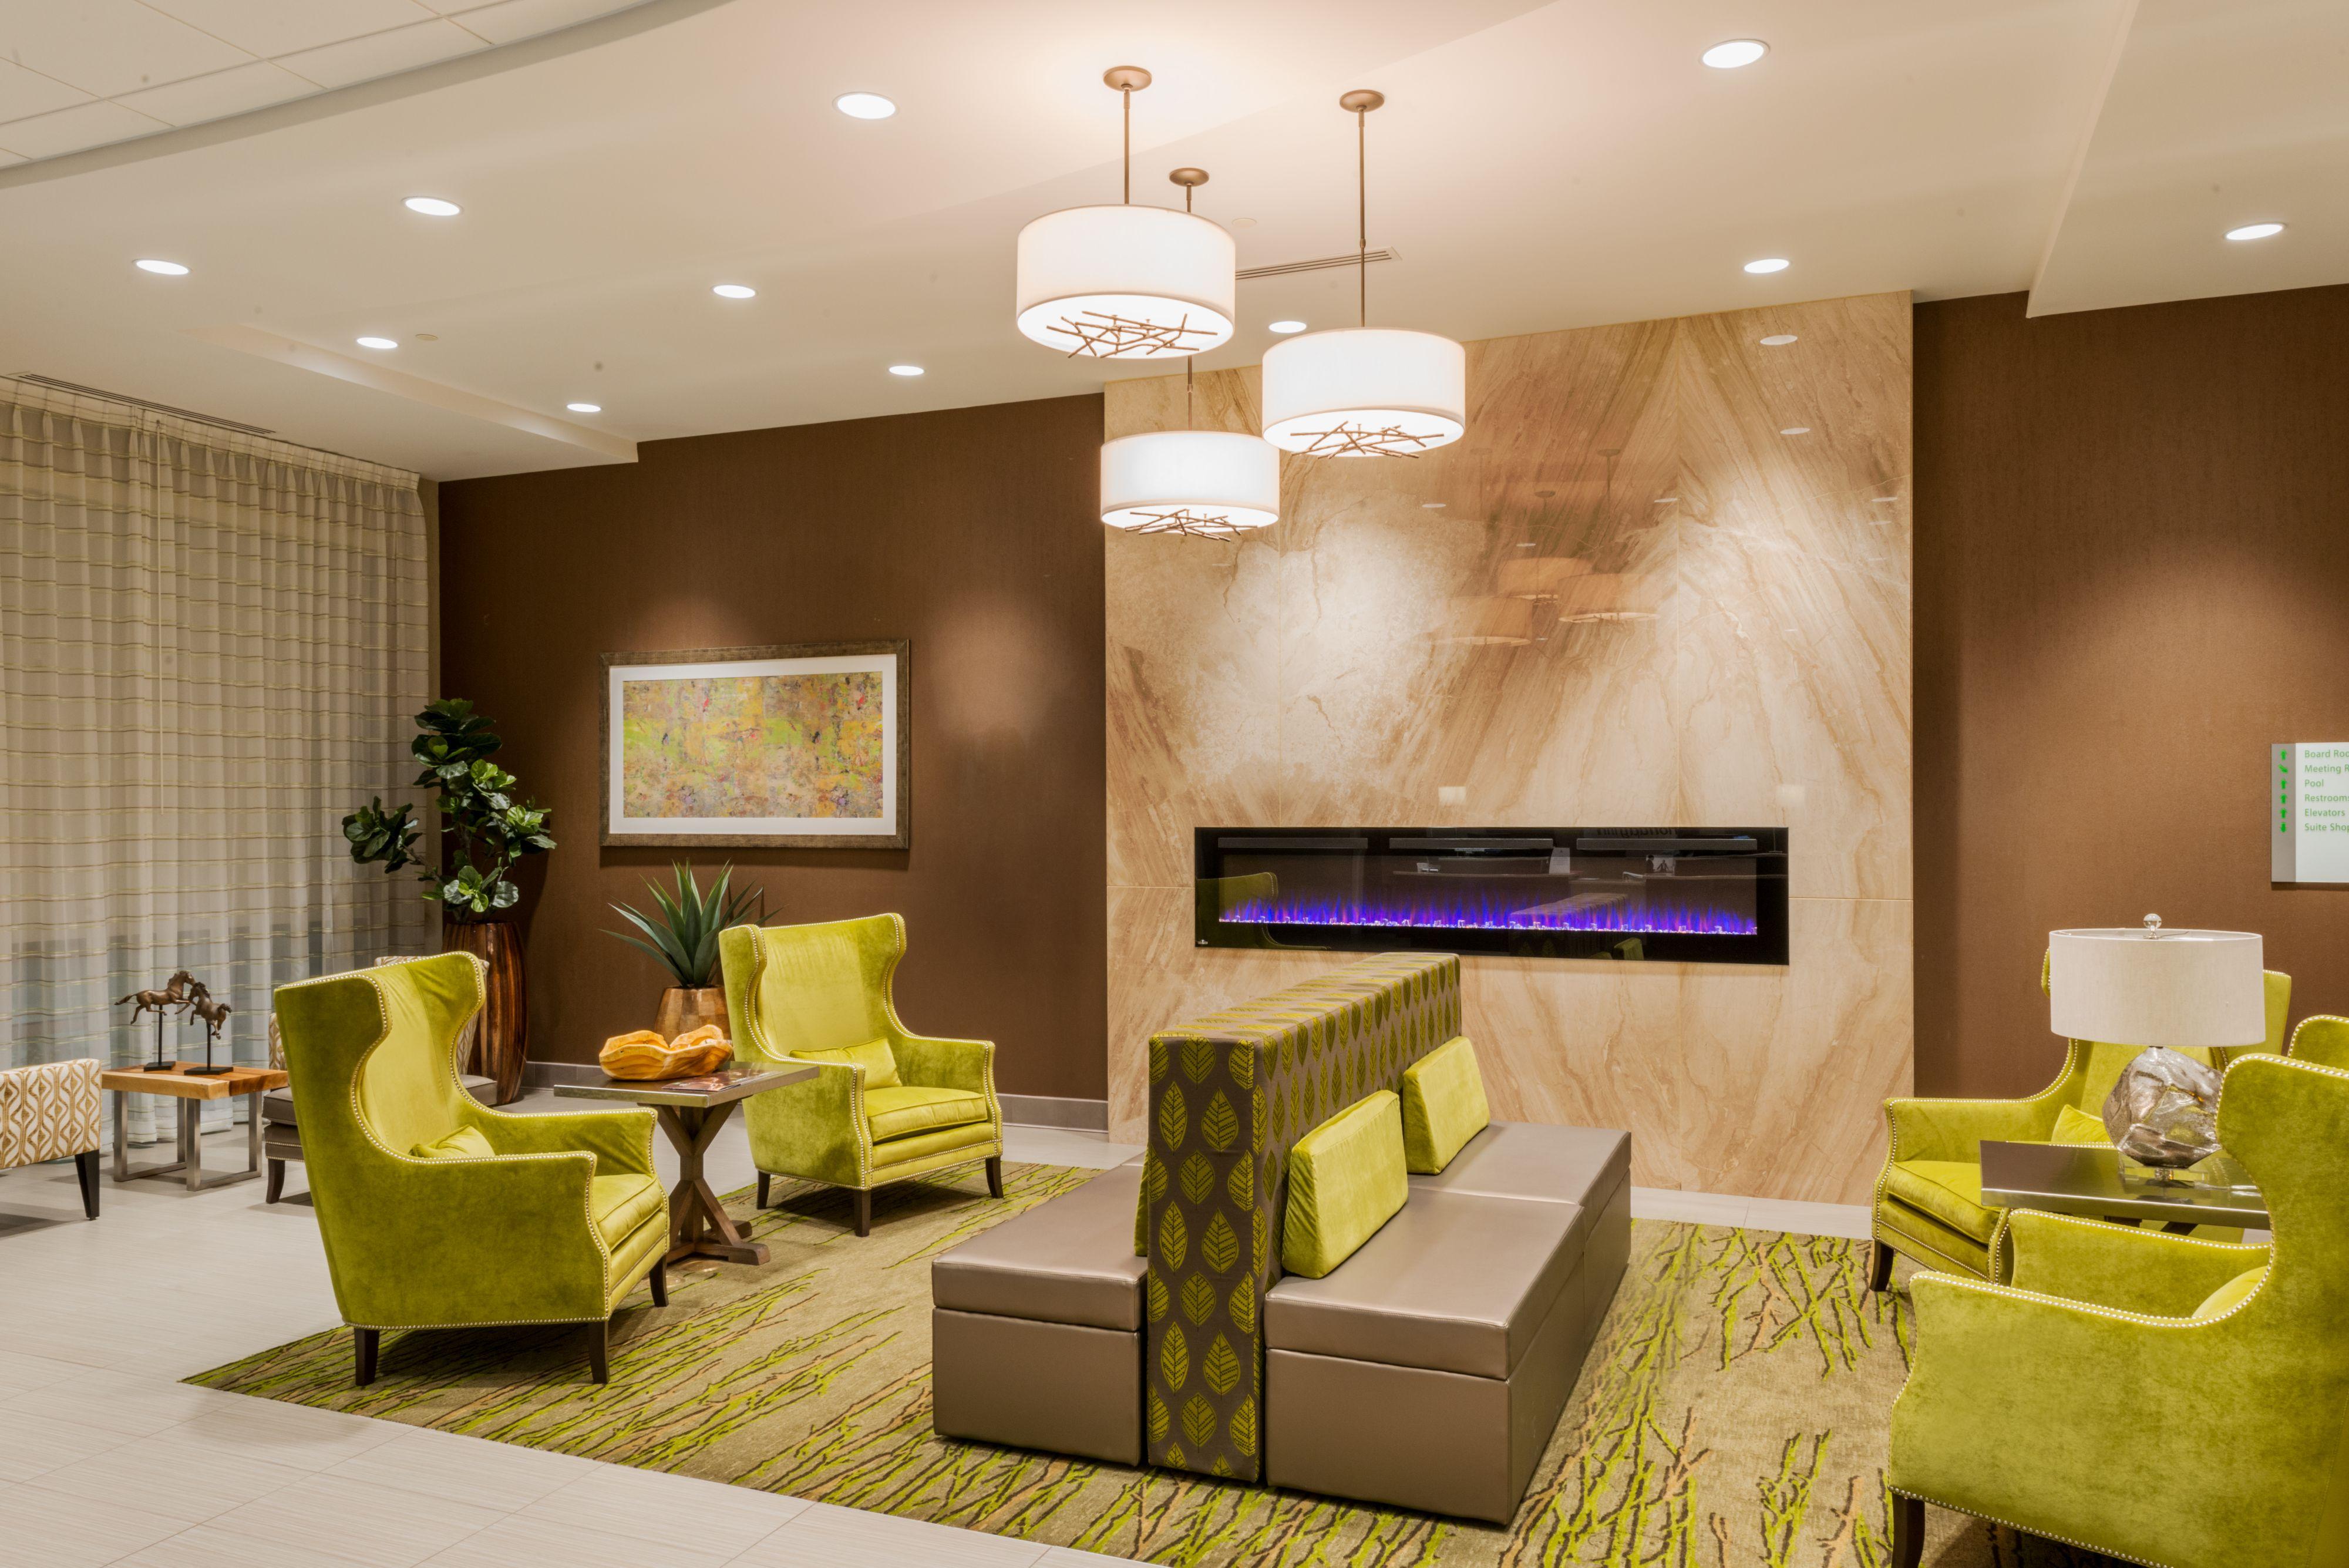 Holiday Inn Paducah Riverfront image 5